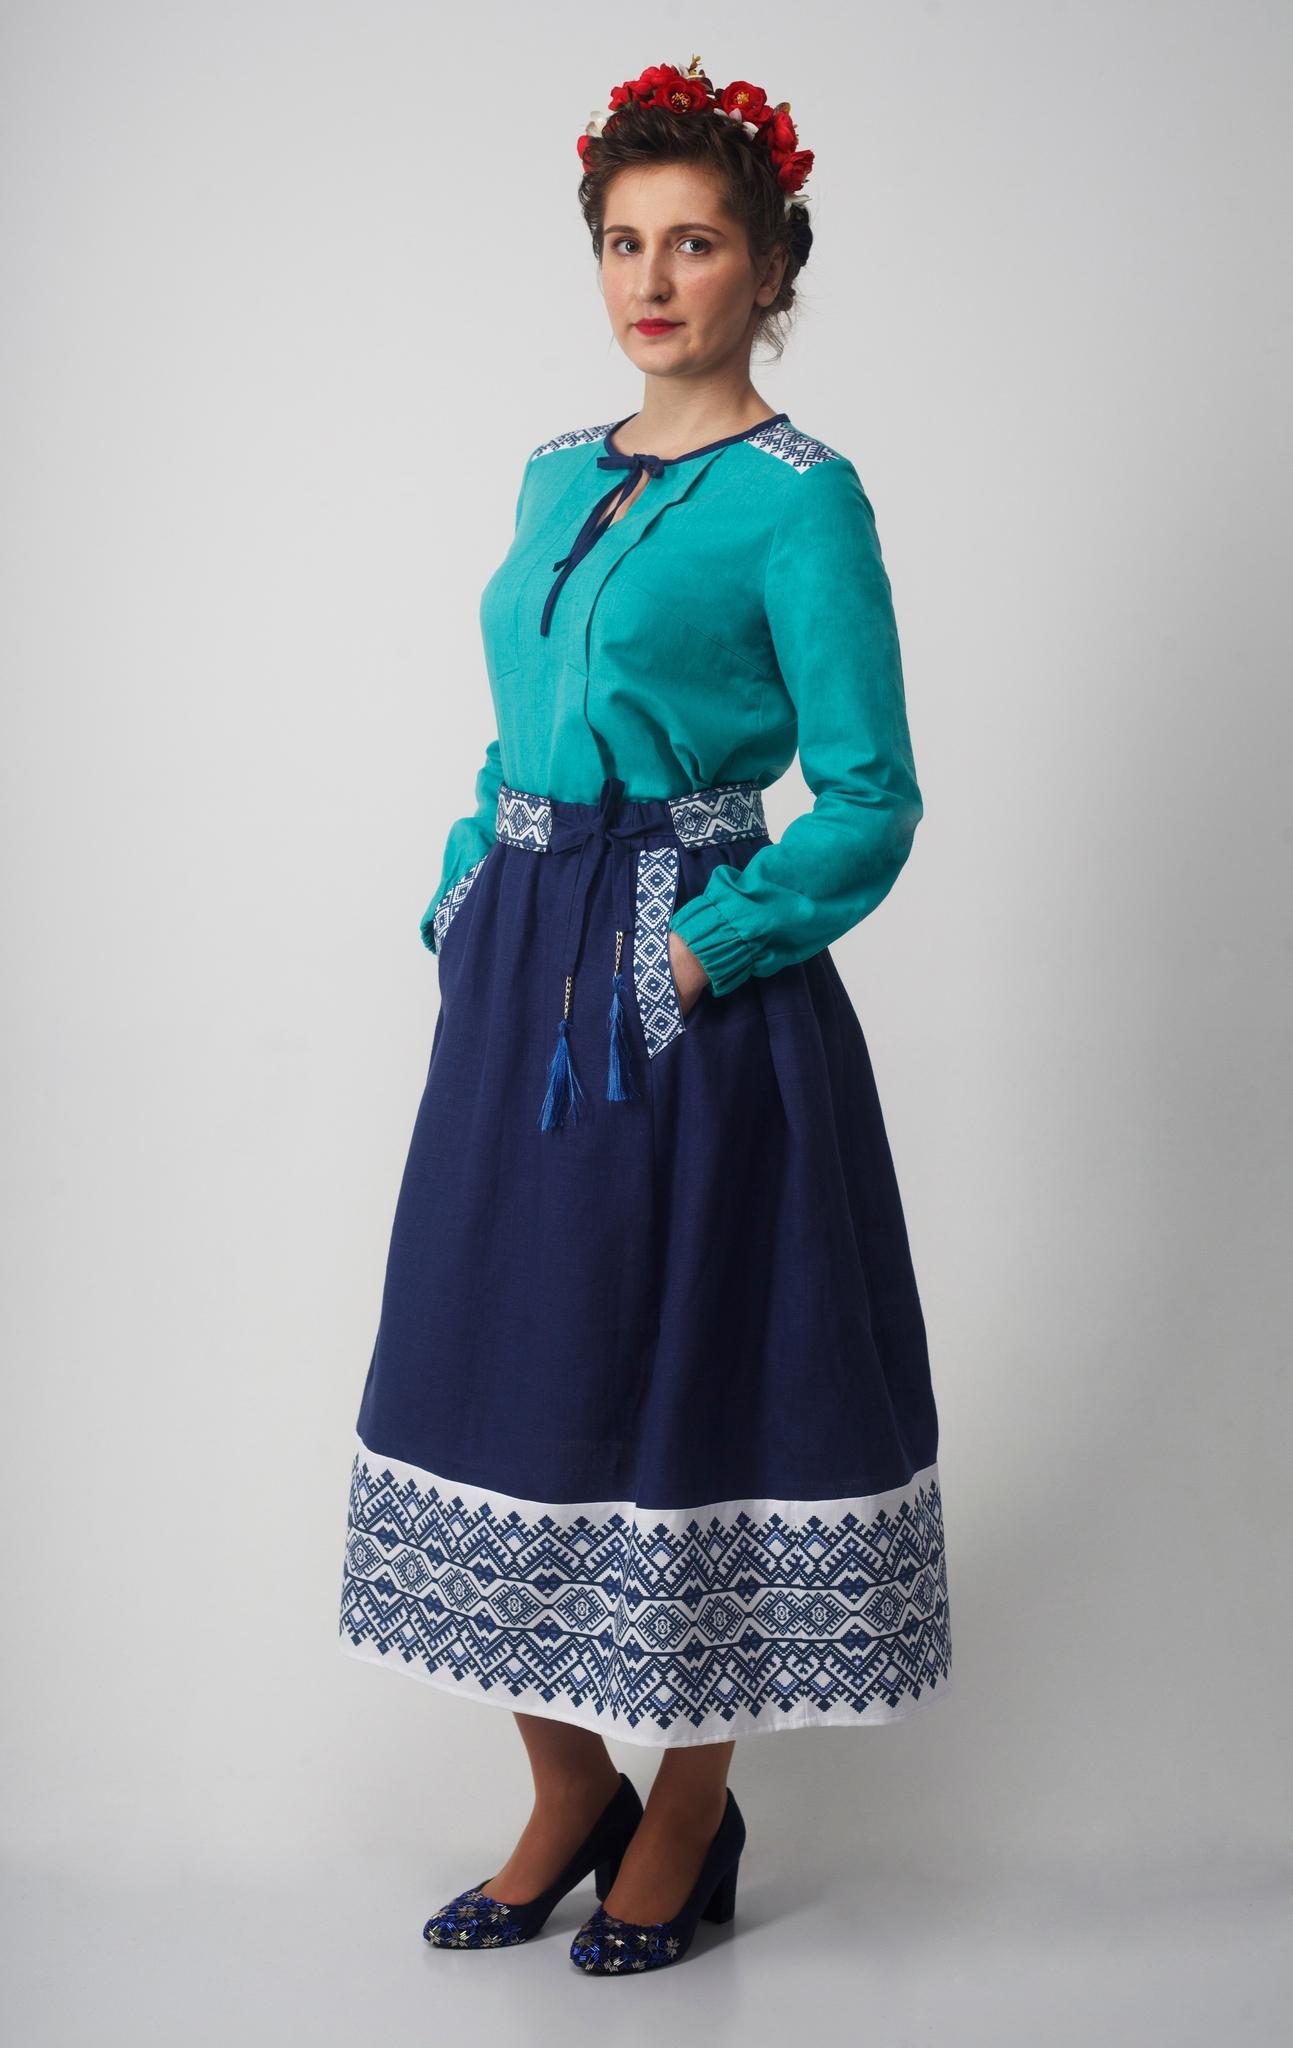 Блуза Самоцветы бирюза полный рост с юбкой